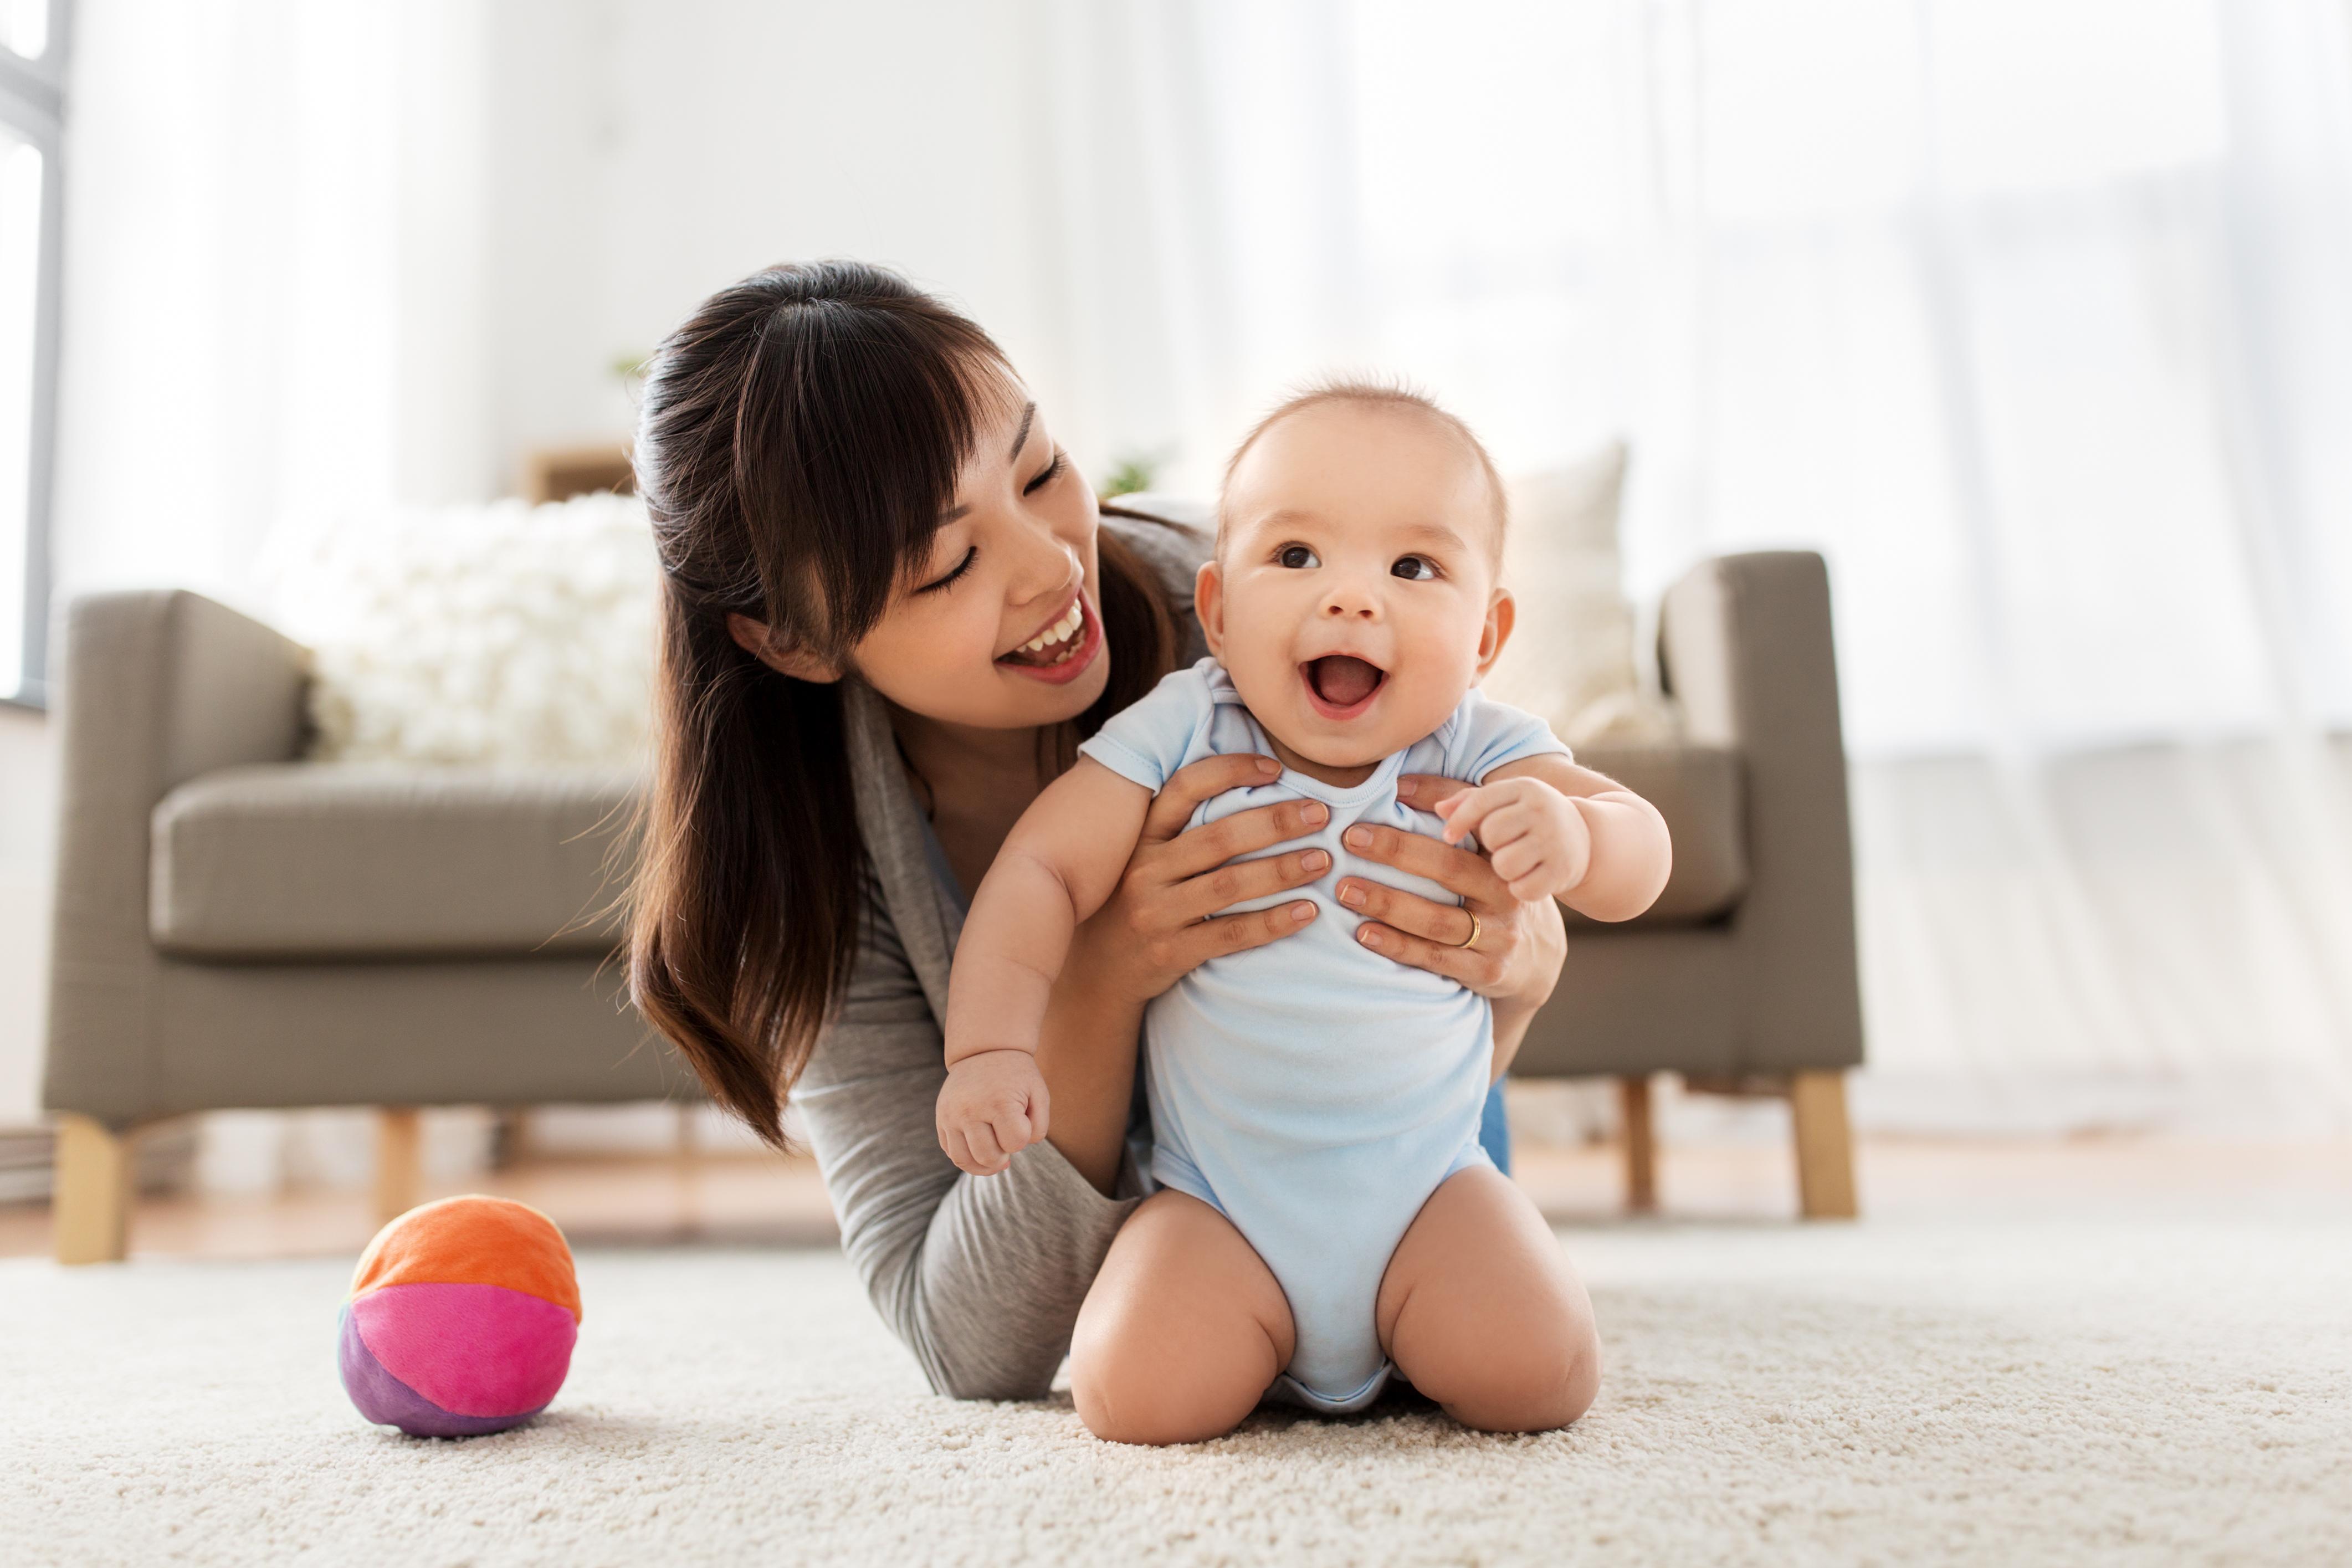 child care course details